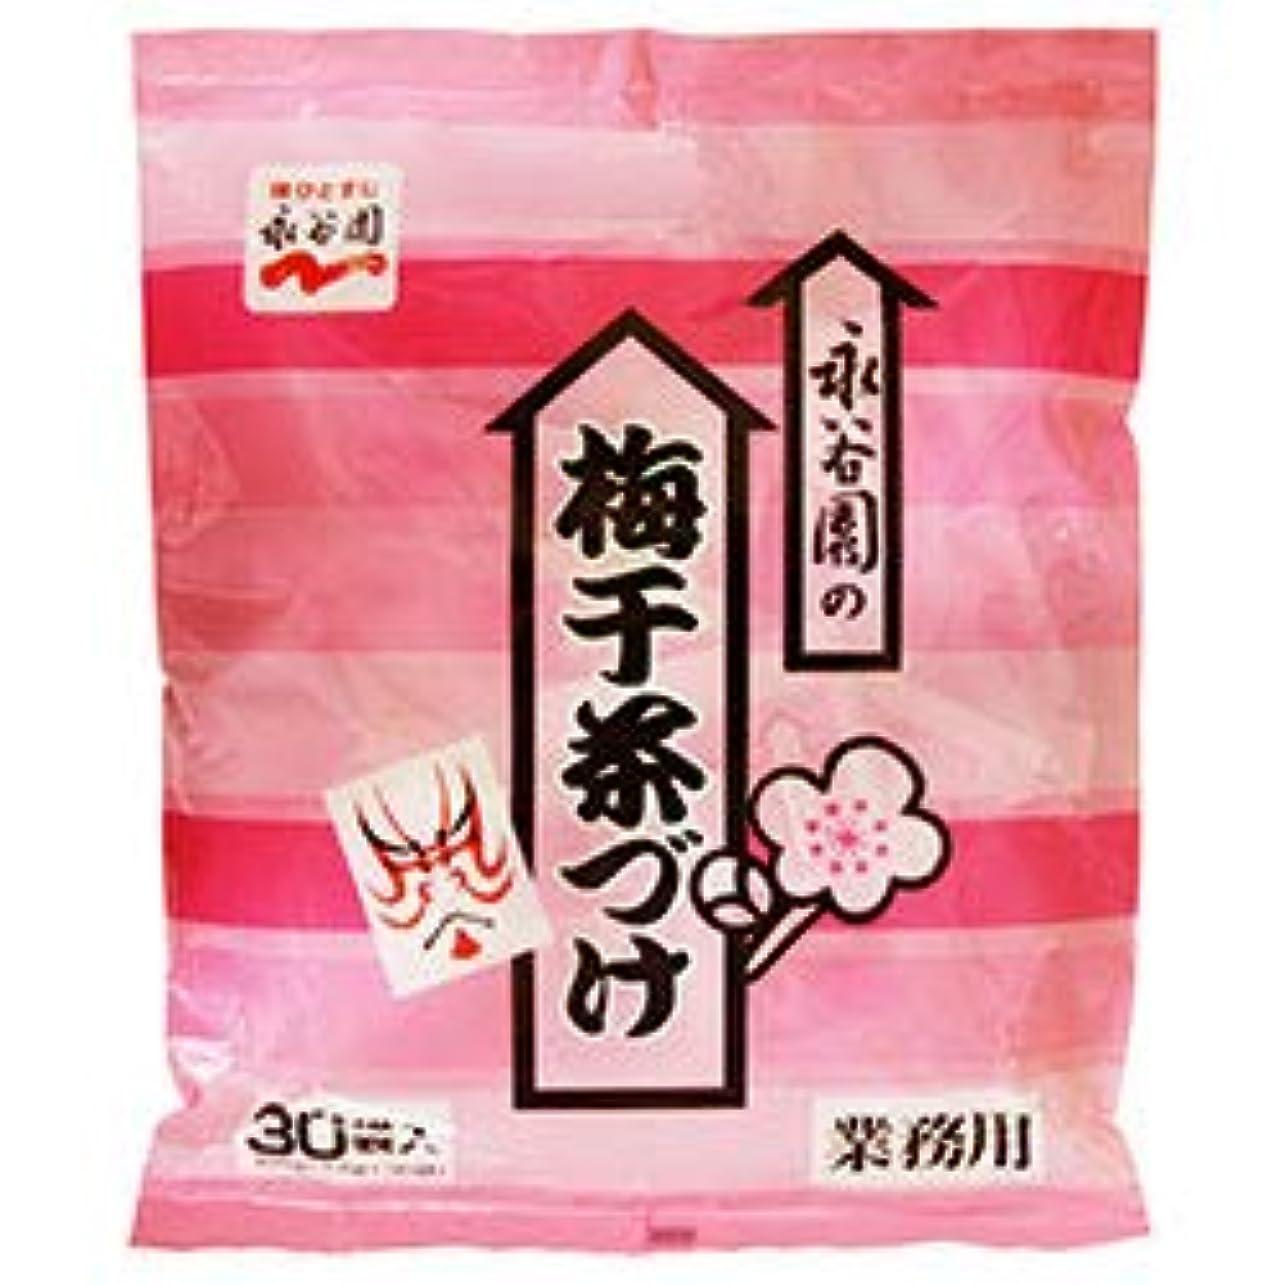 チャップ頭蓋骨測る永谷園 業務用 さけ茶づけ 30食入×2袋